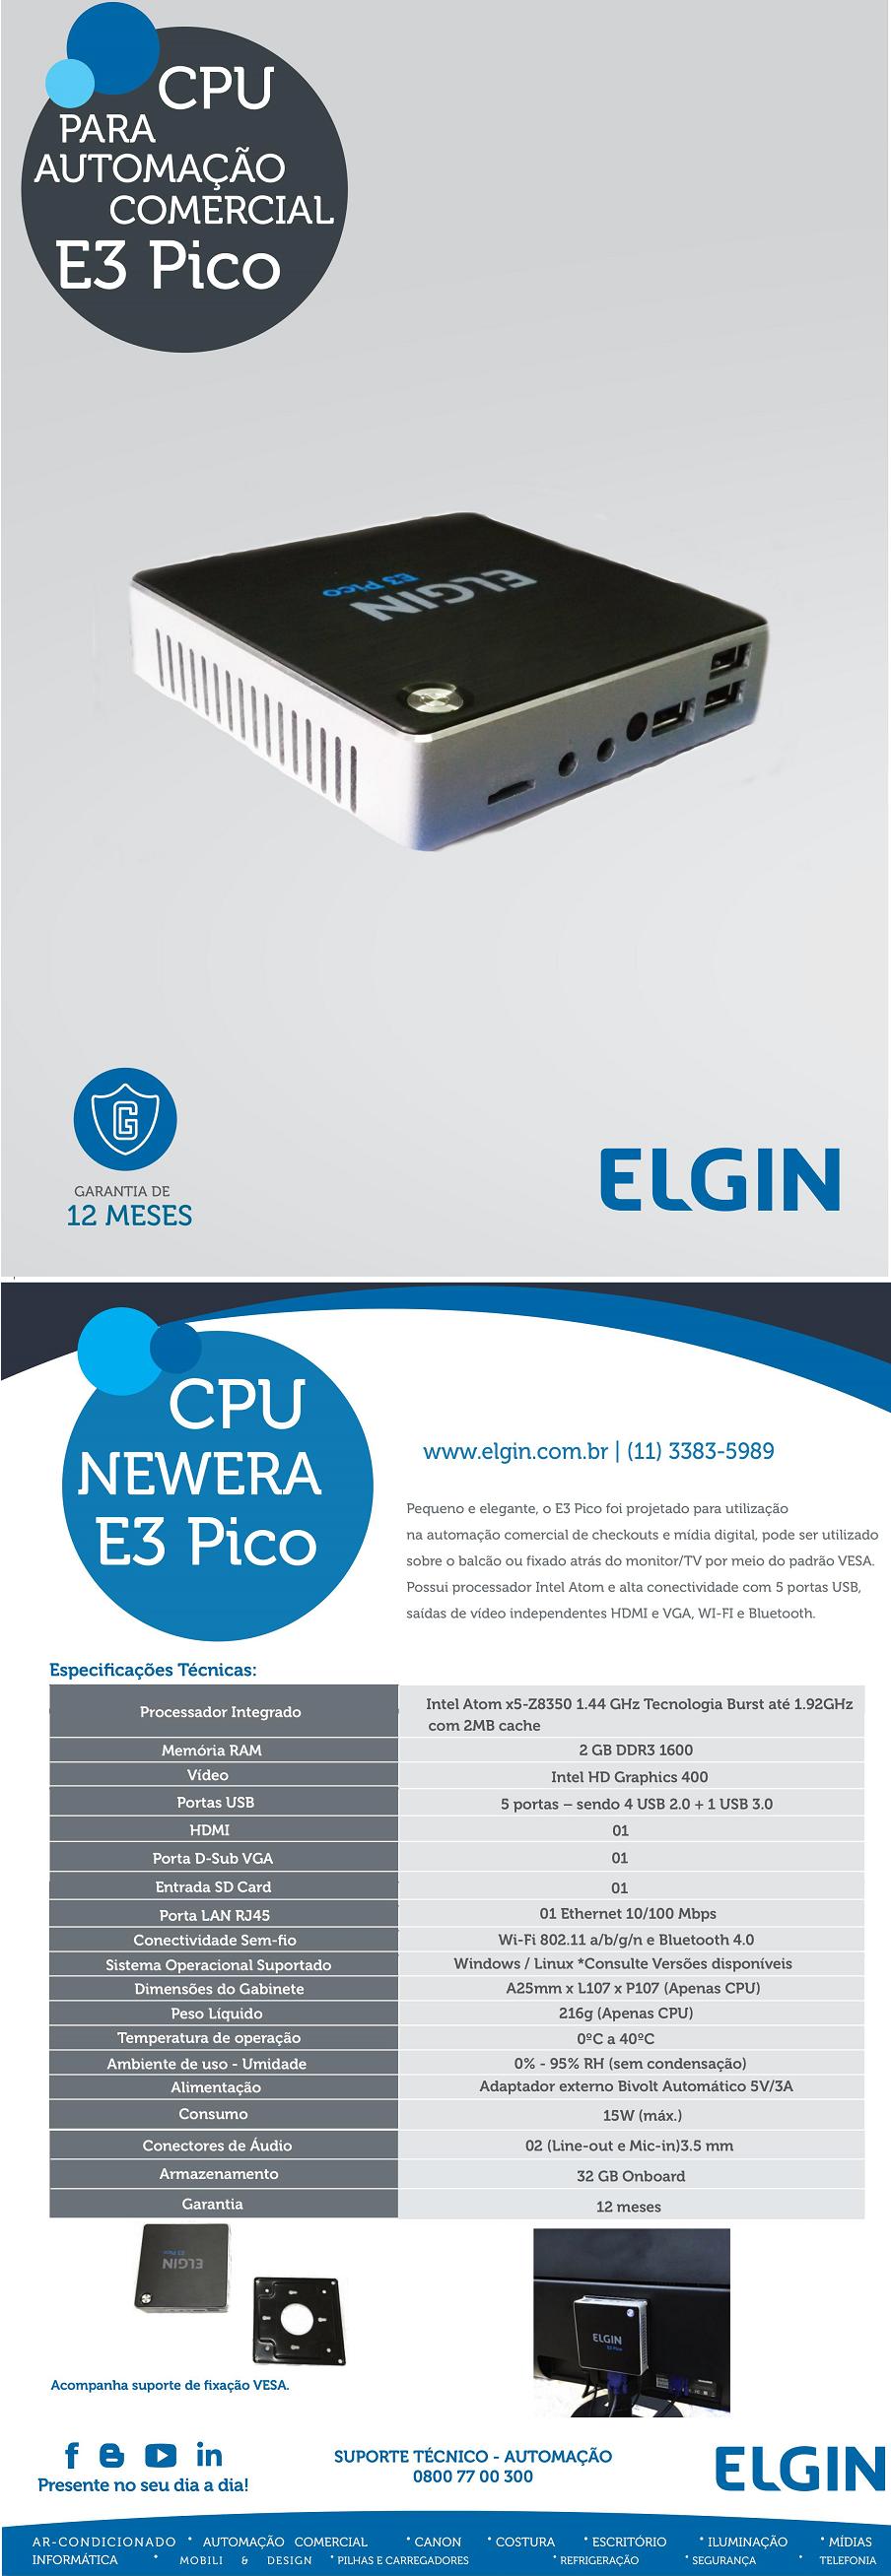 Resultado de imagem para CPU E3 PICO